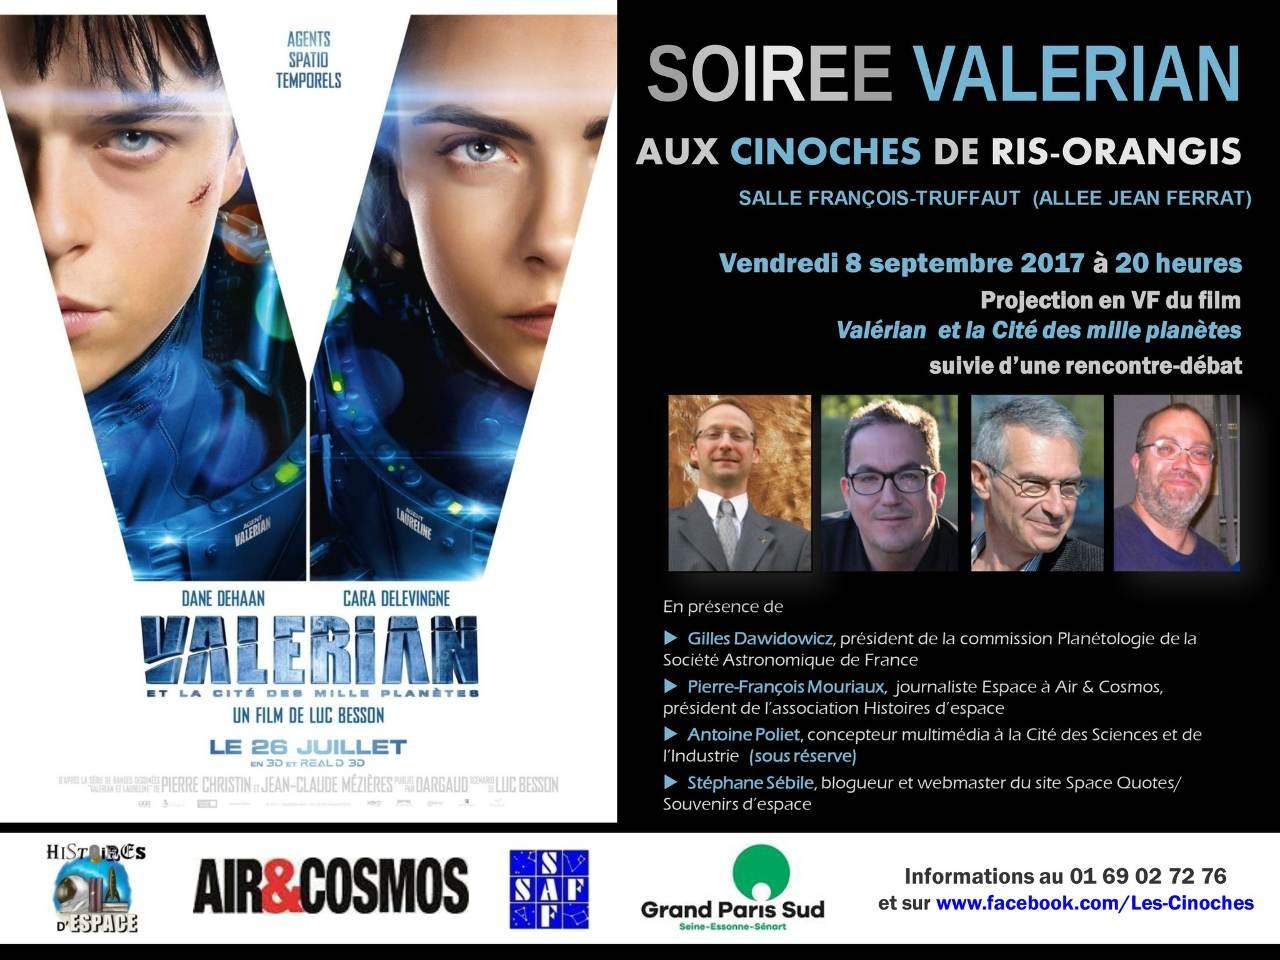 Ciné-débat autour de Valérian le 8 septembre à Ris Orangis